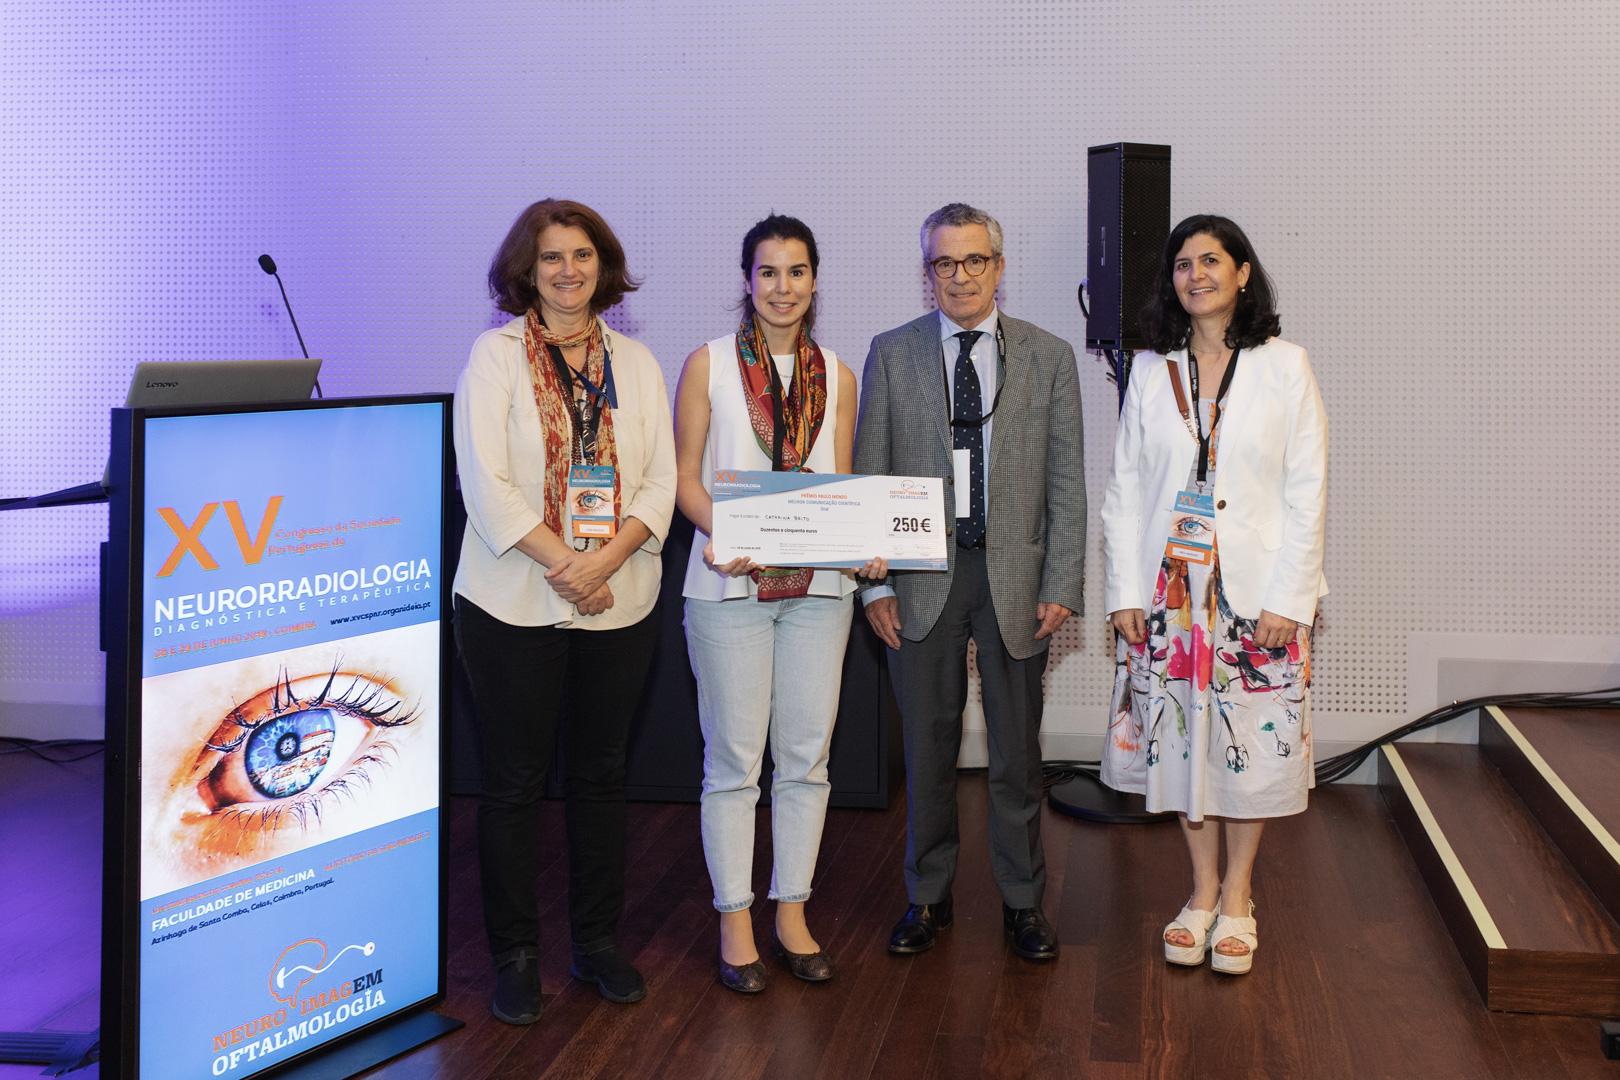 XV Congresso da SPNR - Entrega de Prémios junto ao púlpito digital com a imagem do Congresso